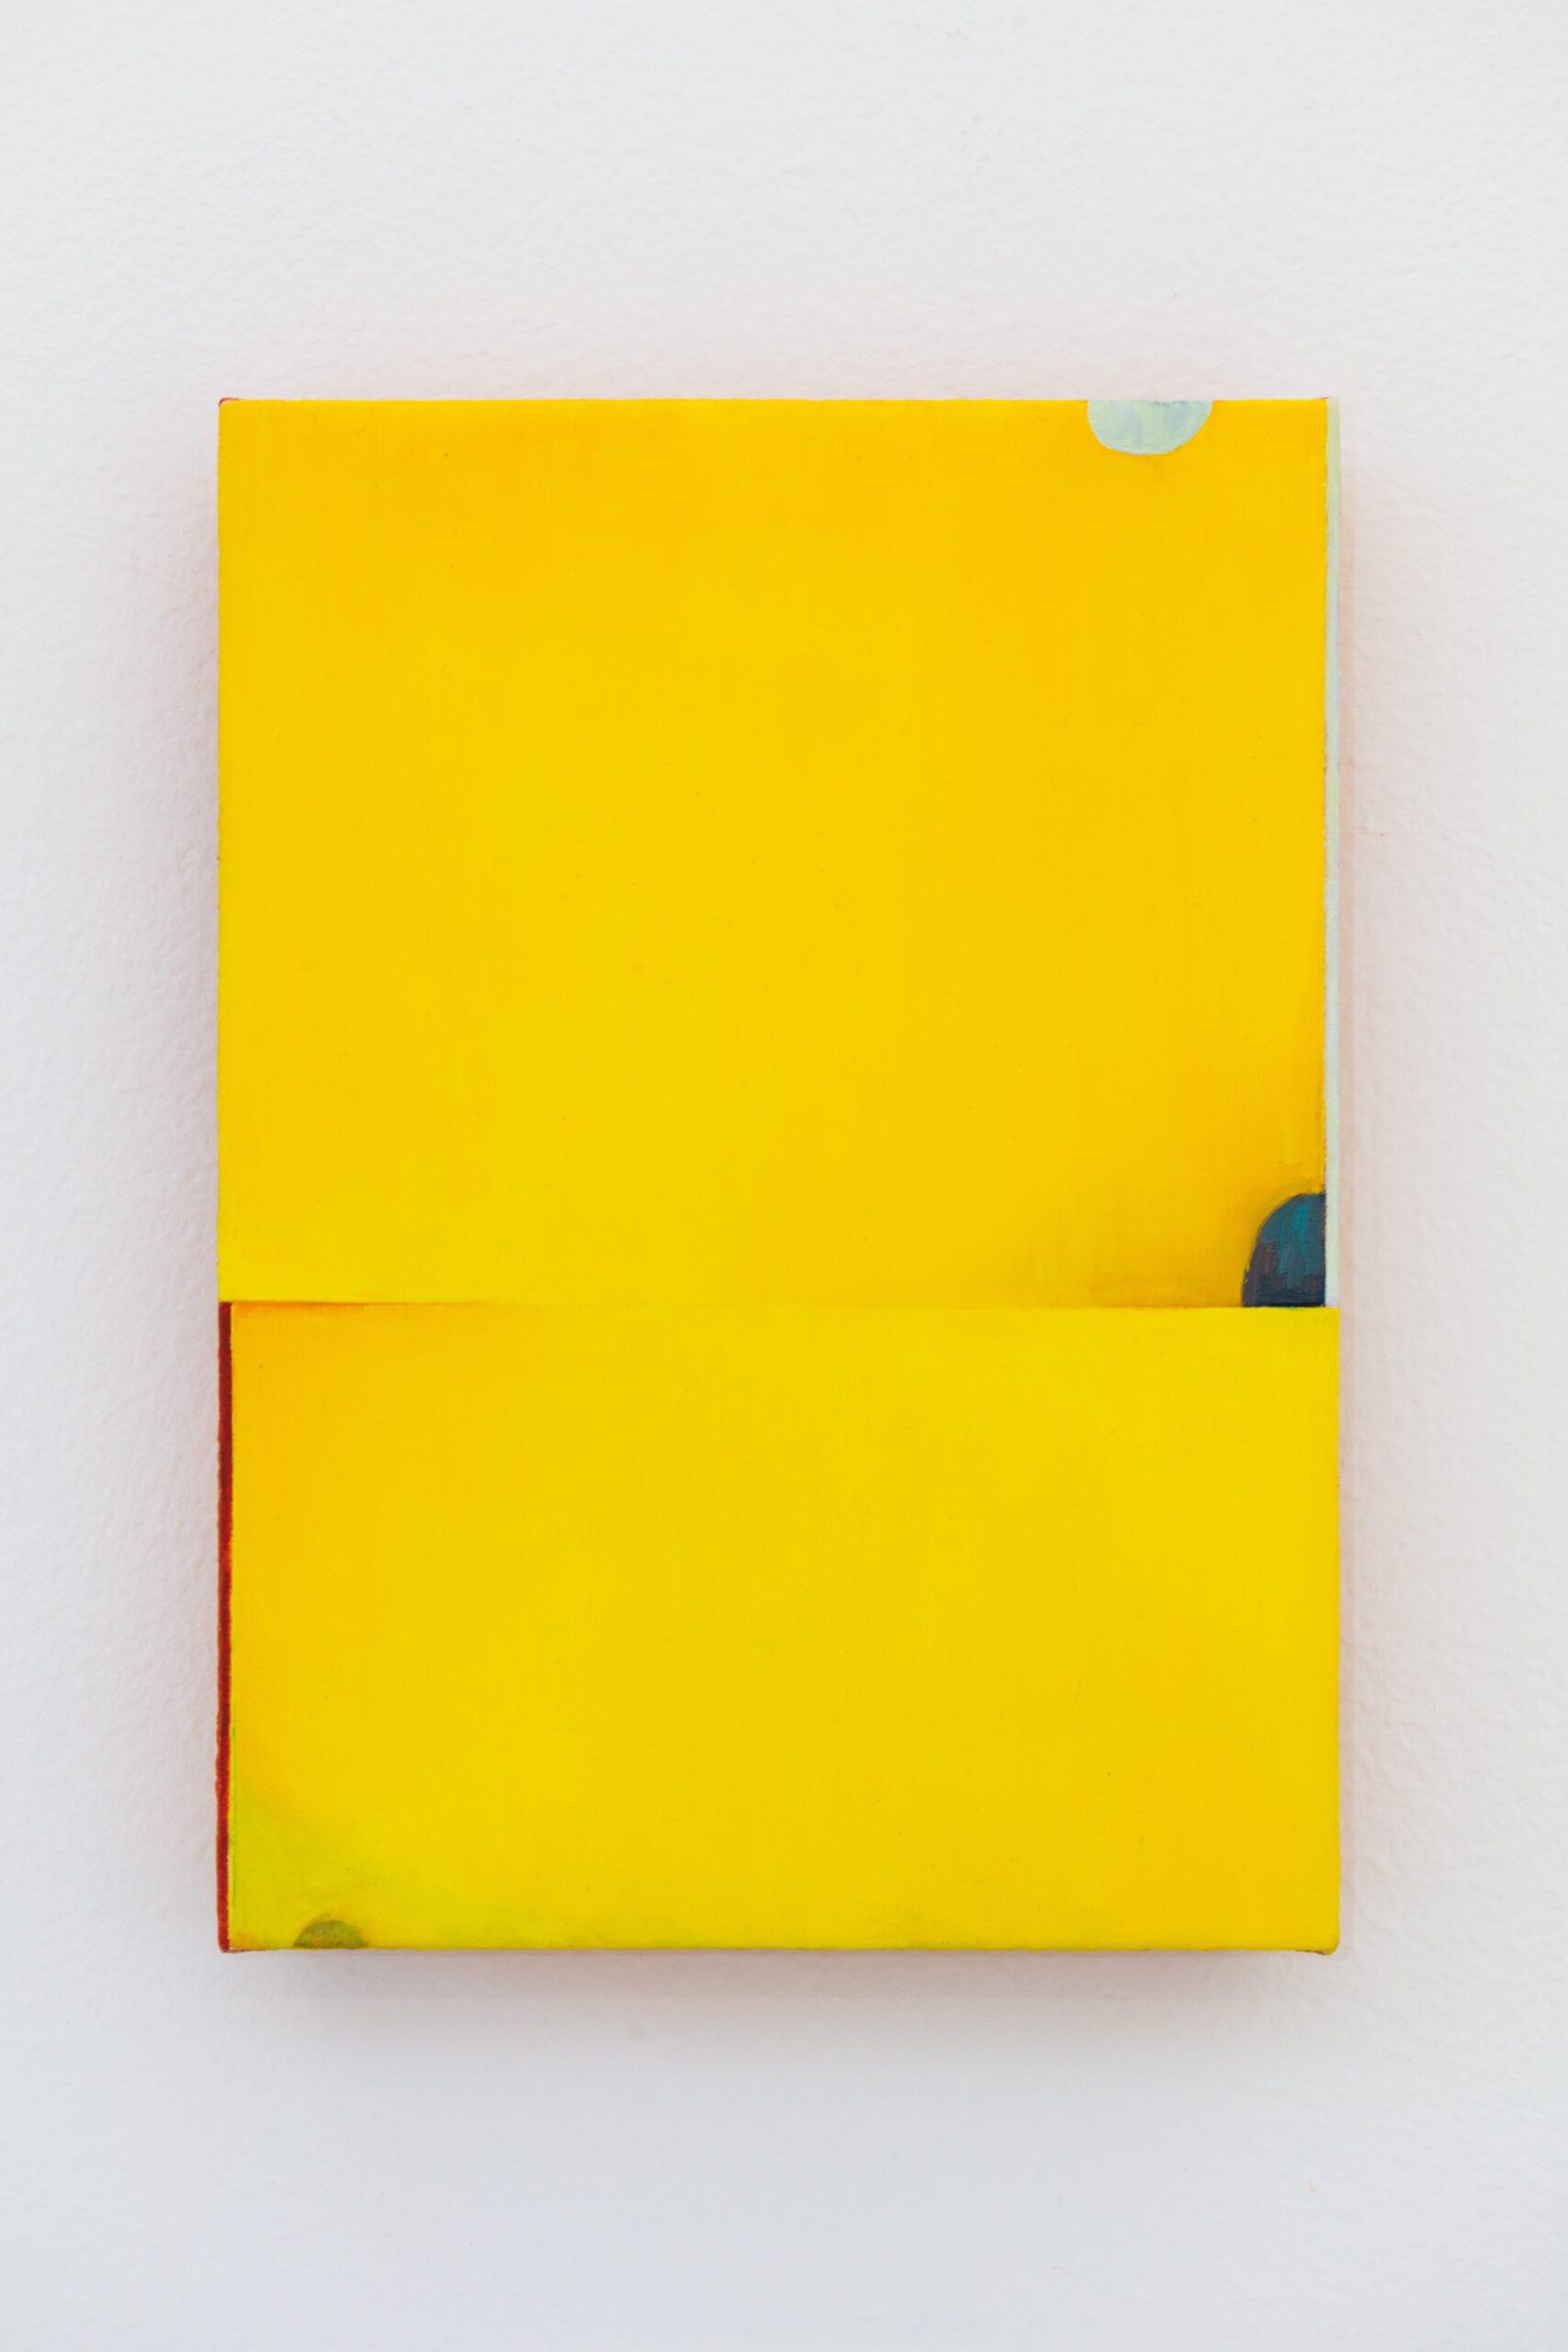 Nathlie Provosty, Poison Dart (iv), 2020, oil on, linen on dibond, 9 x 6.5 in.